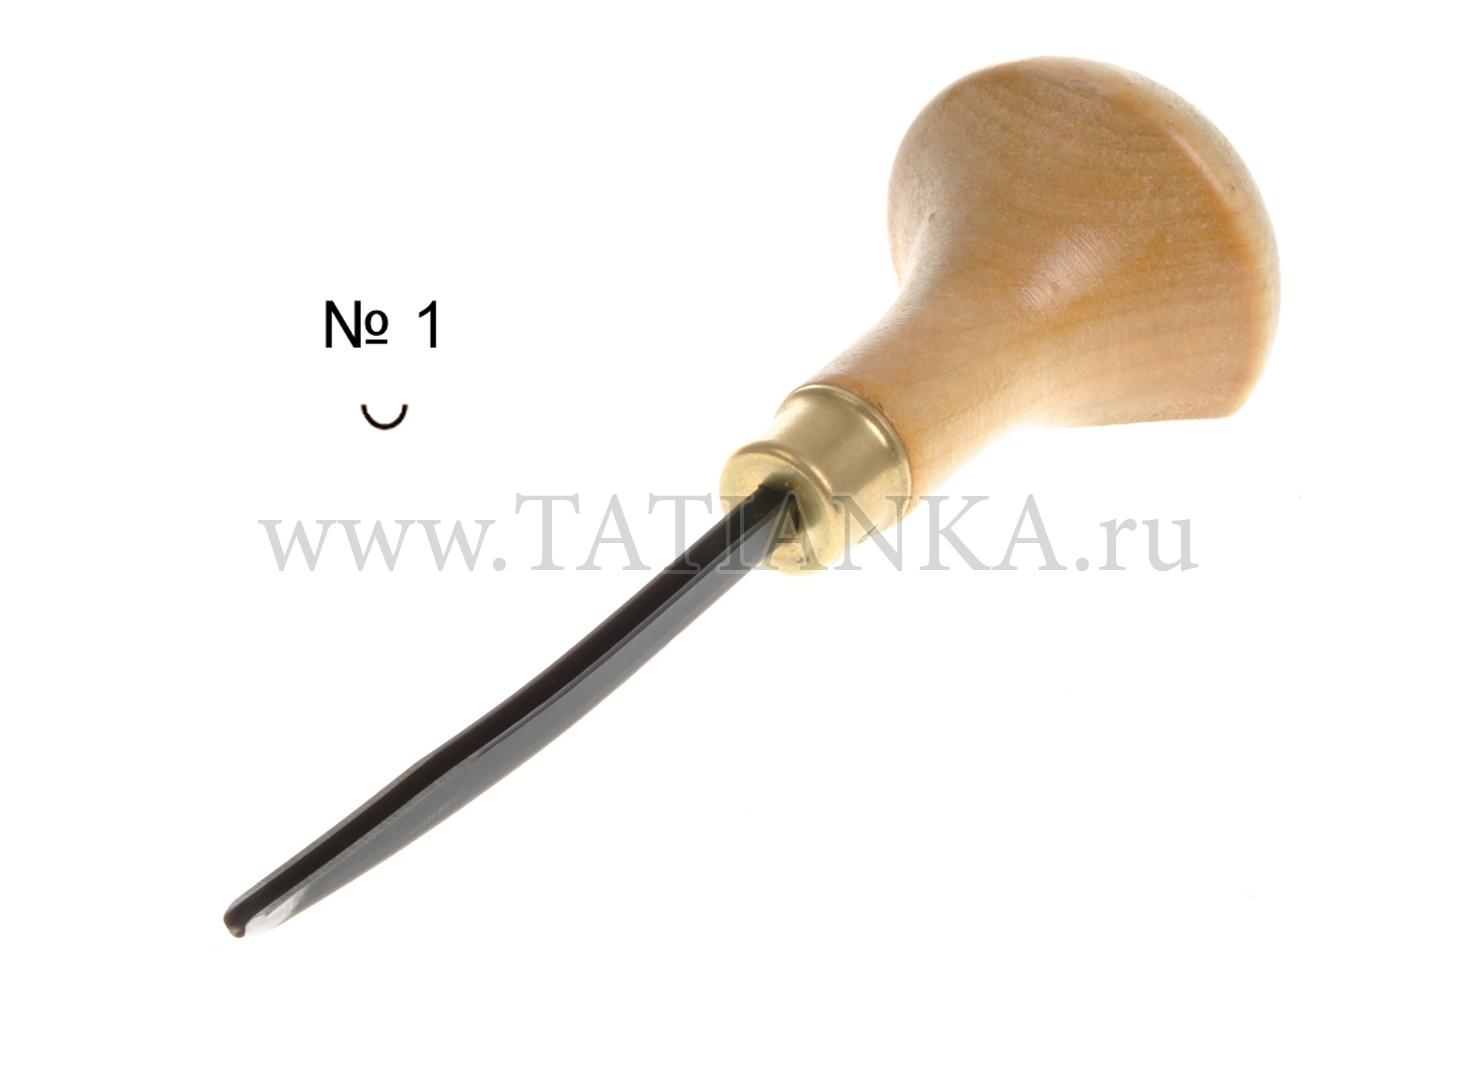 №1 Стамеска ТАТЬЯНКА ЛИН-1л/2 для линогравюры и резьбы